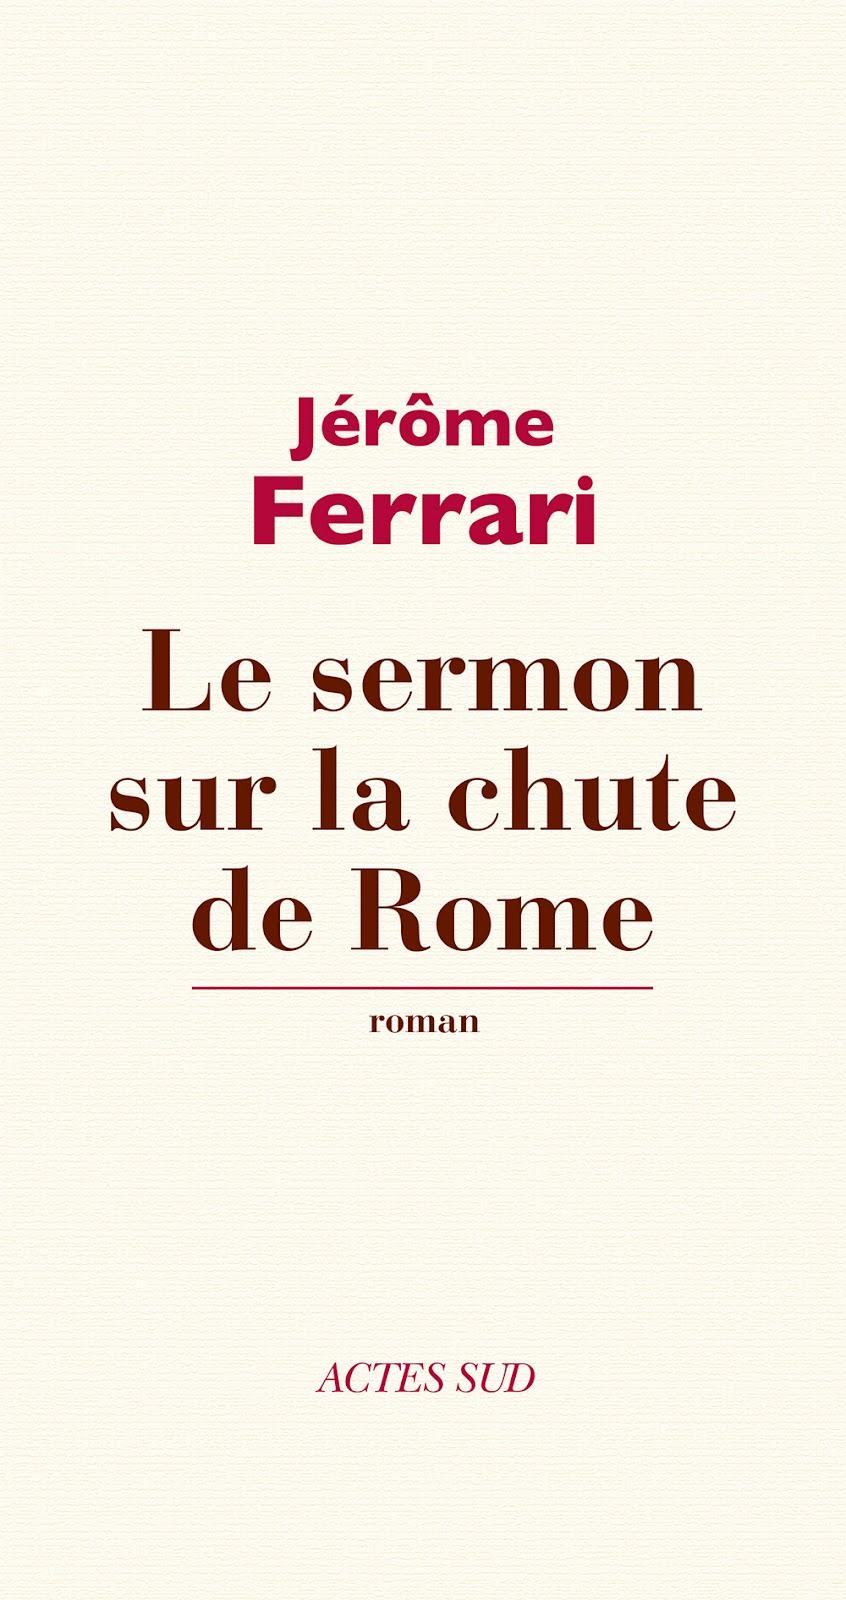 Le sermon de la chute de Rome